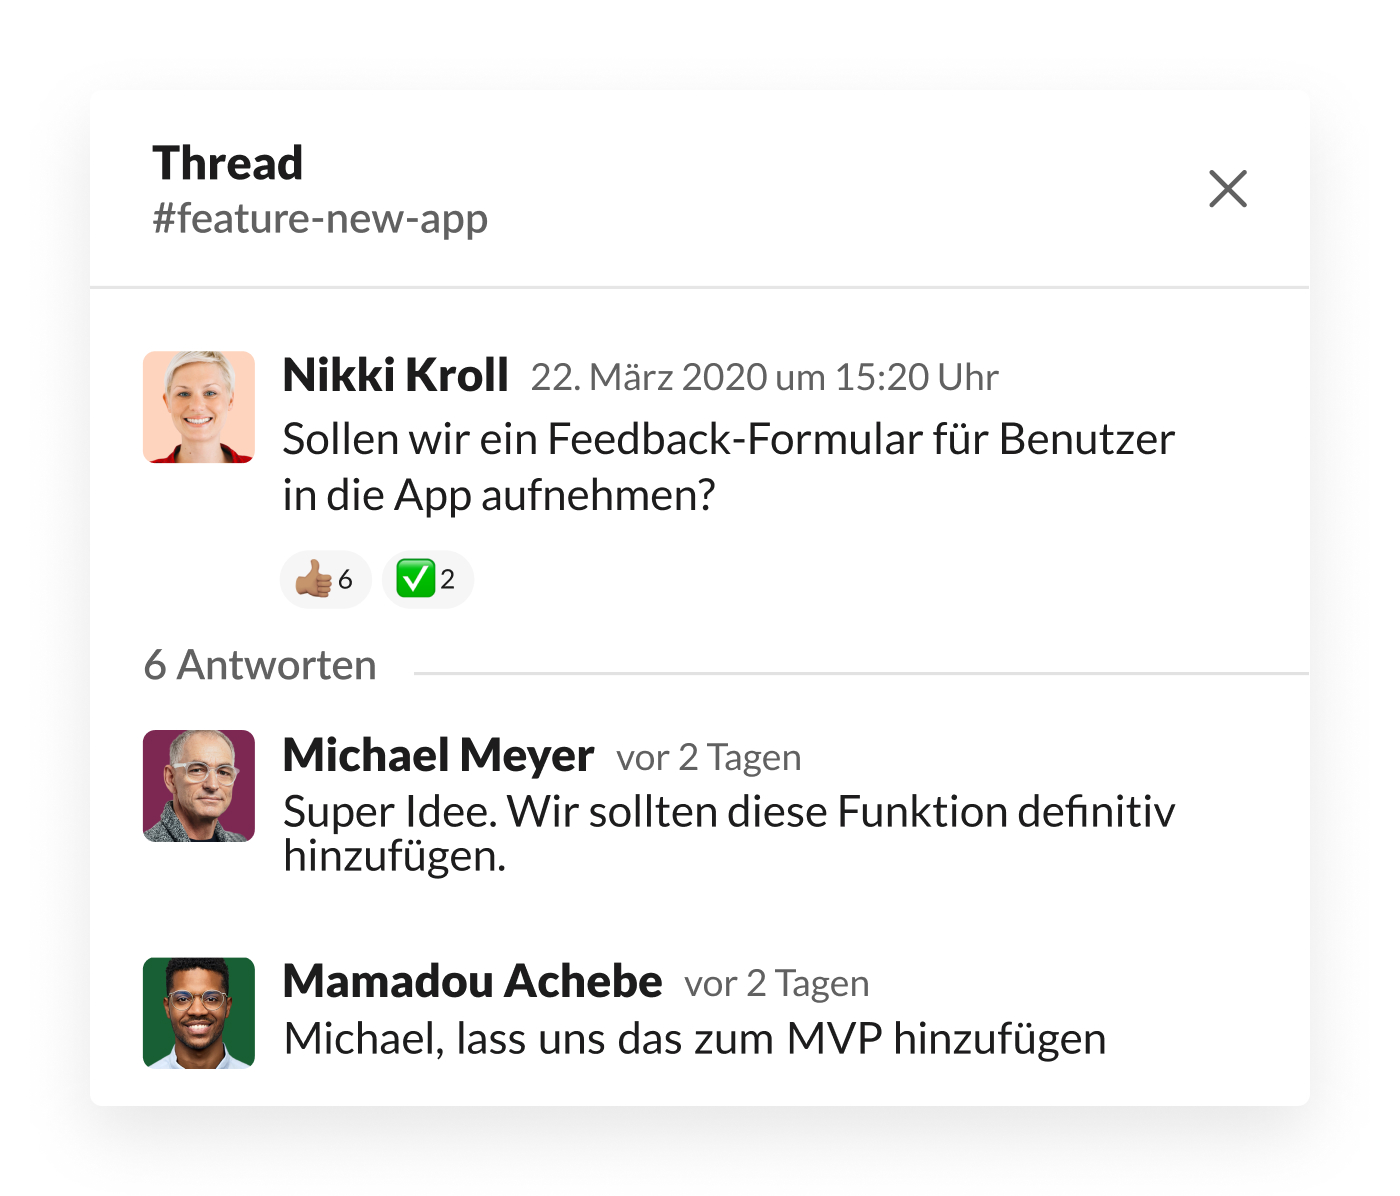 Slack-Thread zur Diskussion des Feedback-Formulars für Benutzer in der App